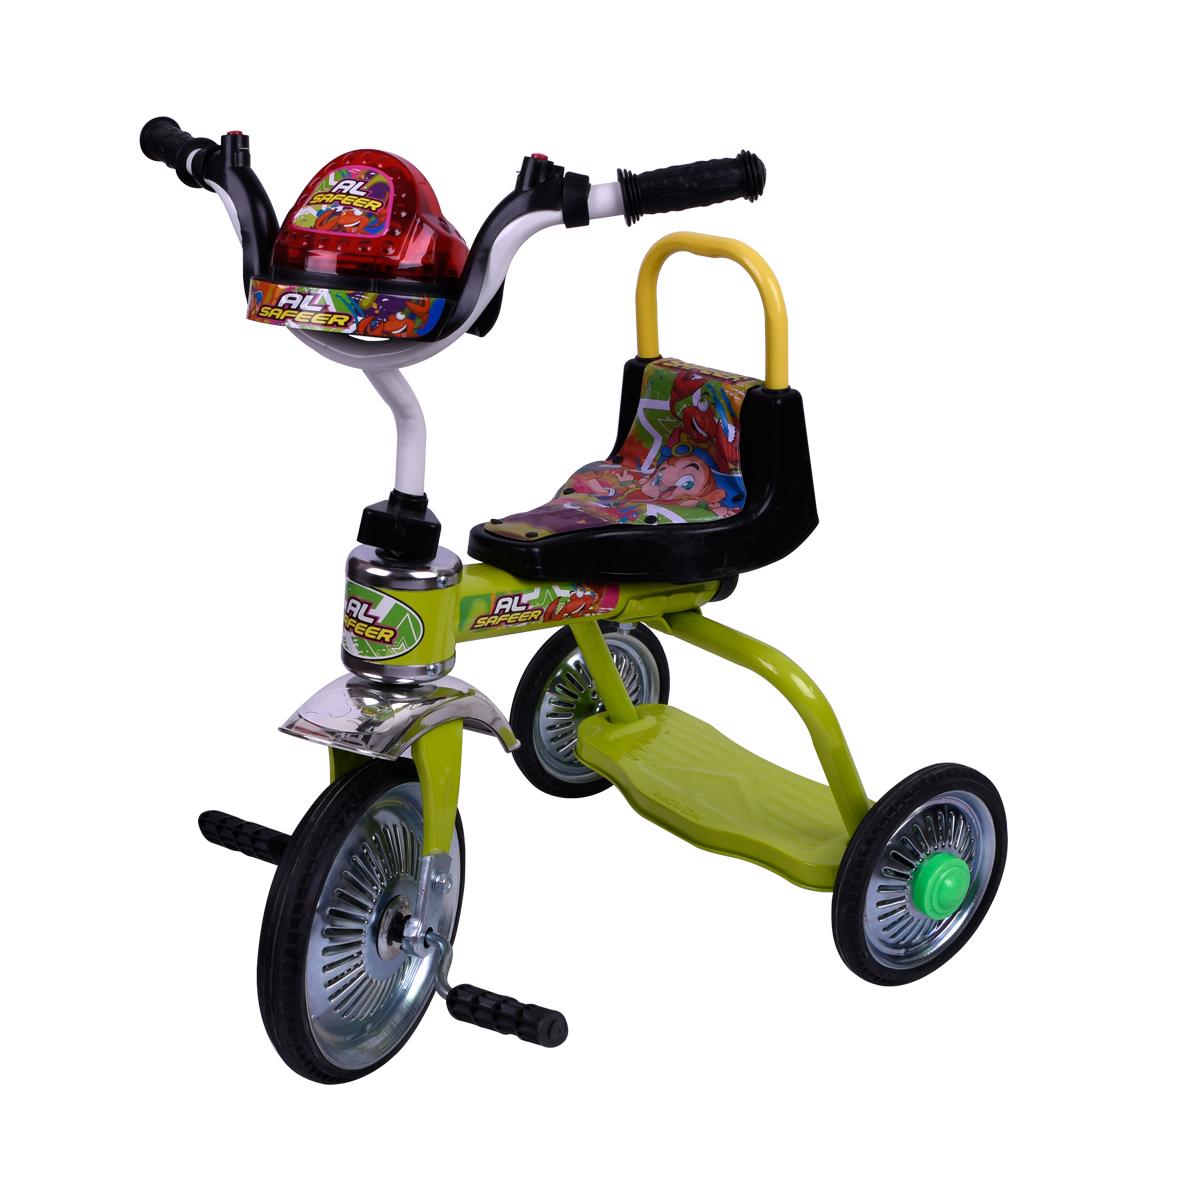 دراجة اطفال ثلاث عجلات - مقعد واحد - رقم 606SNN -  الوان متعدده